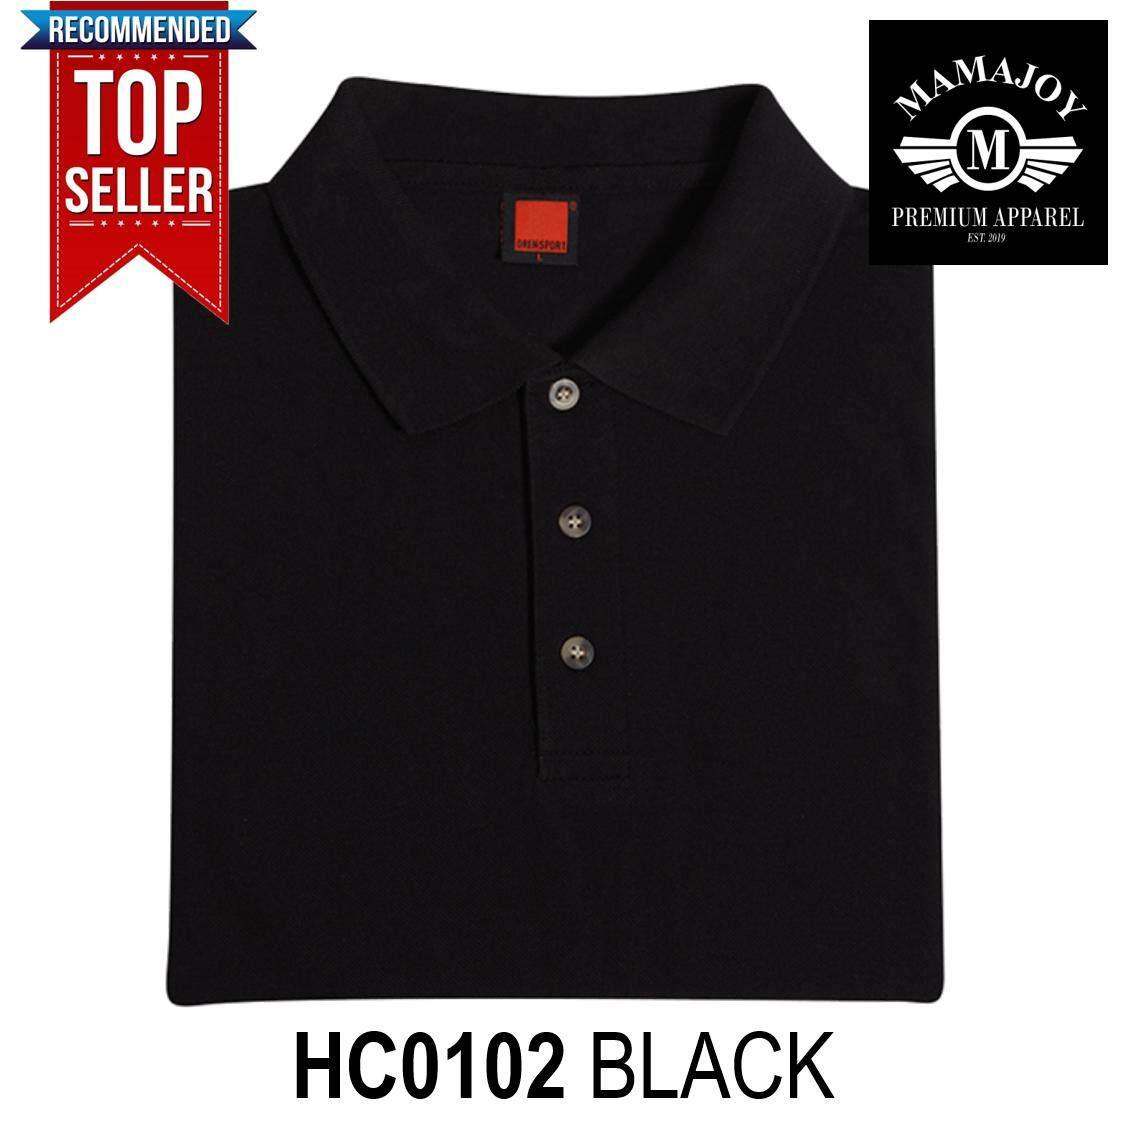 Best Seller Polo Tshirt For Men Women Unisex Summer Fashion Tees T Shirt Baju Kemeja Lelaki New Oren Sport Hc01 Short Sleeve Collar Plain Honeycomb